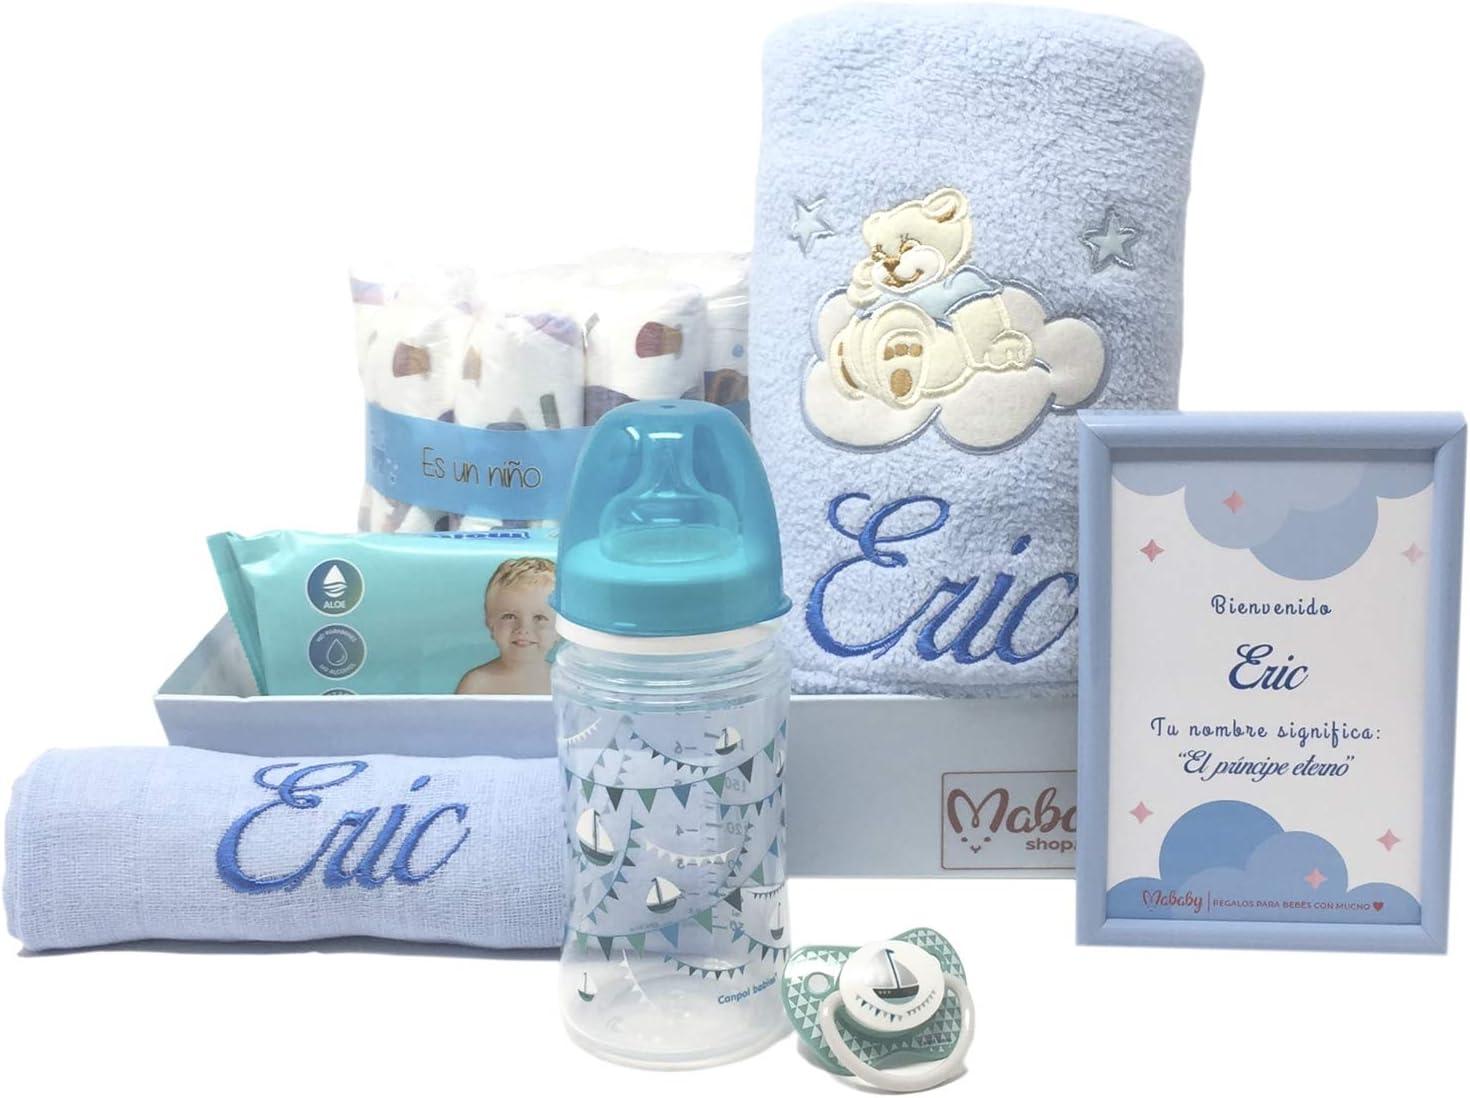 Canastilla de bebe personalizada que incluye manta bordada, muselina biberón y chupete, Modelo Mi Bibi (Azul)